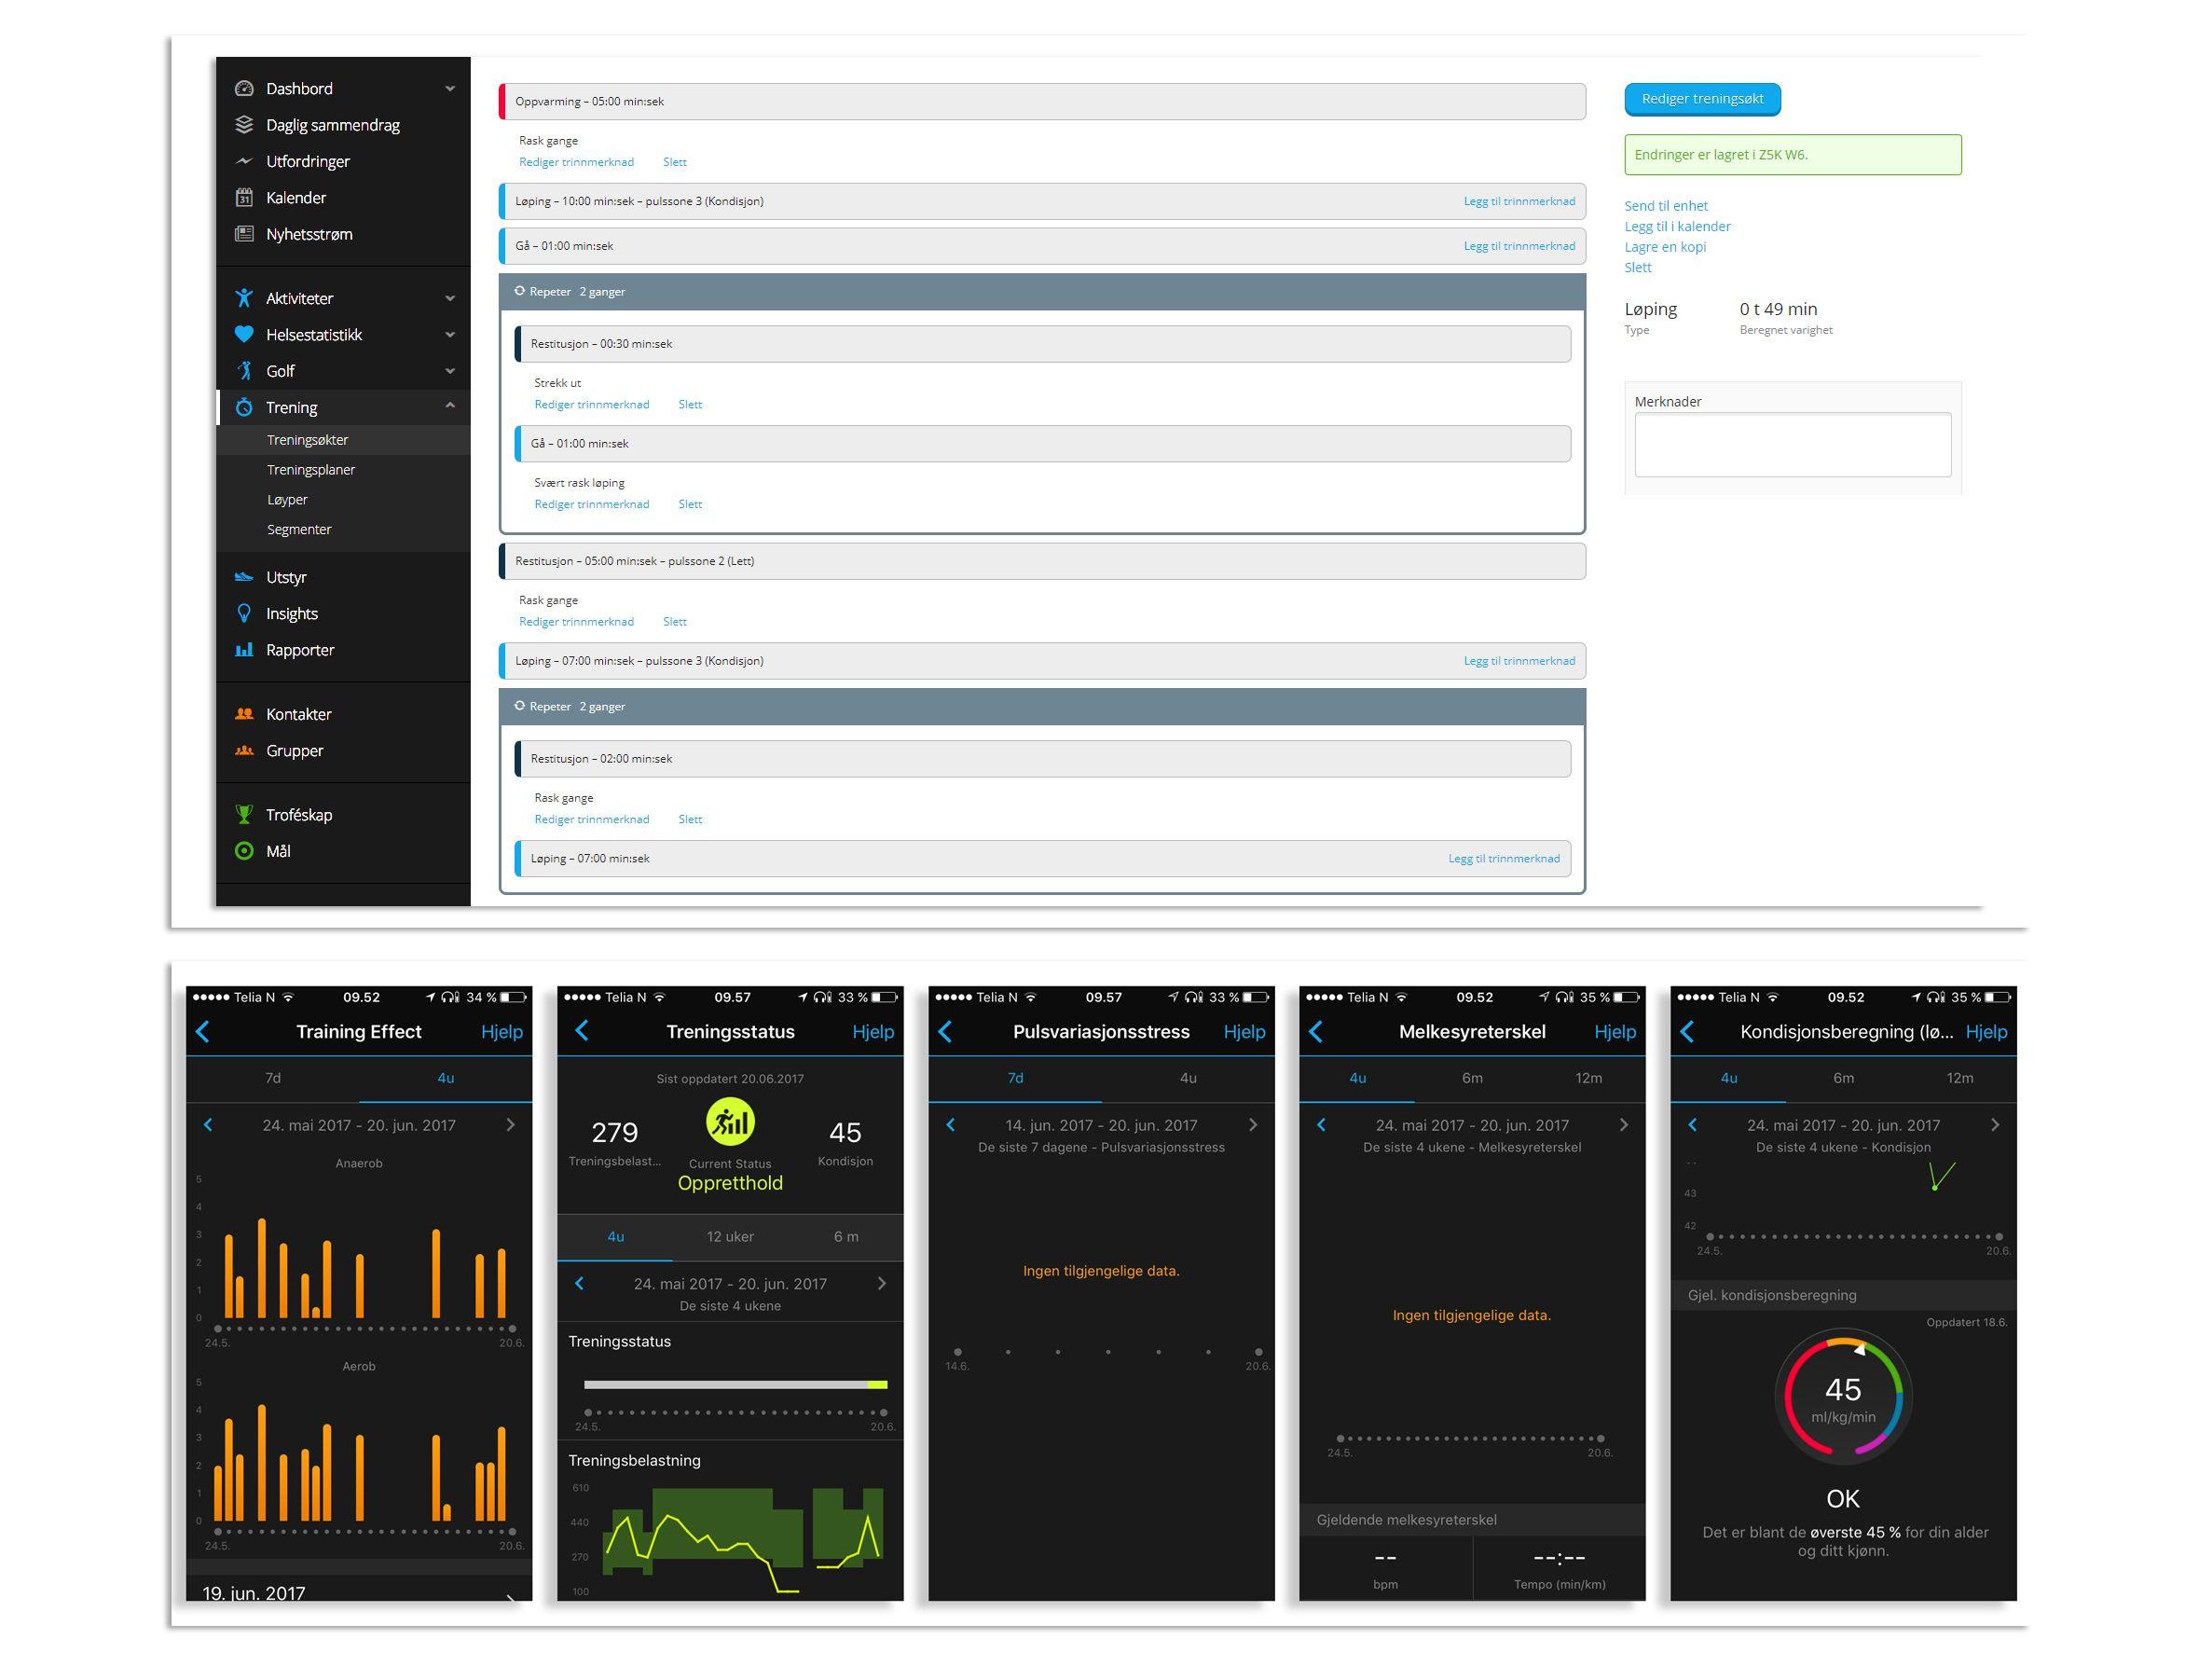 Favorittfunksjonene fra Garmin er muligheten til å lage komplekse treningsøkter med instruksjoner som vises på klokka, samt gode data på treningseffekt, kondisjonsfremgang og belastning over tid.